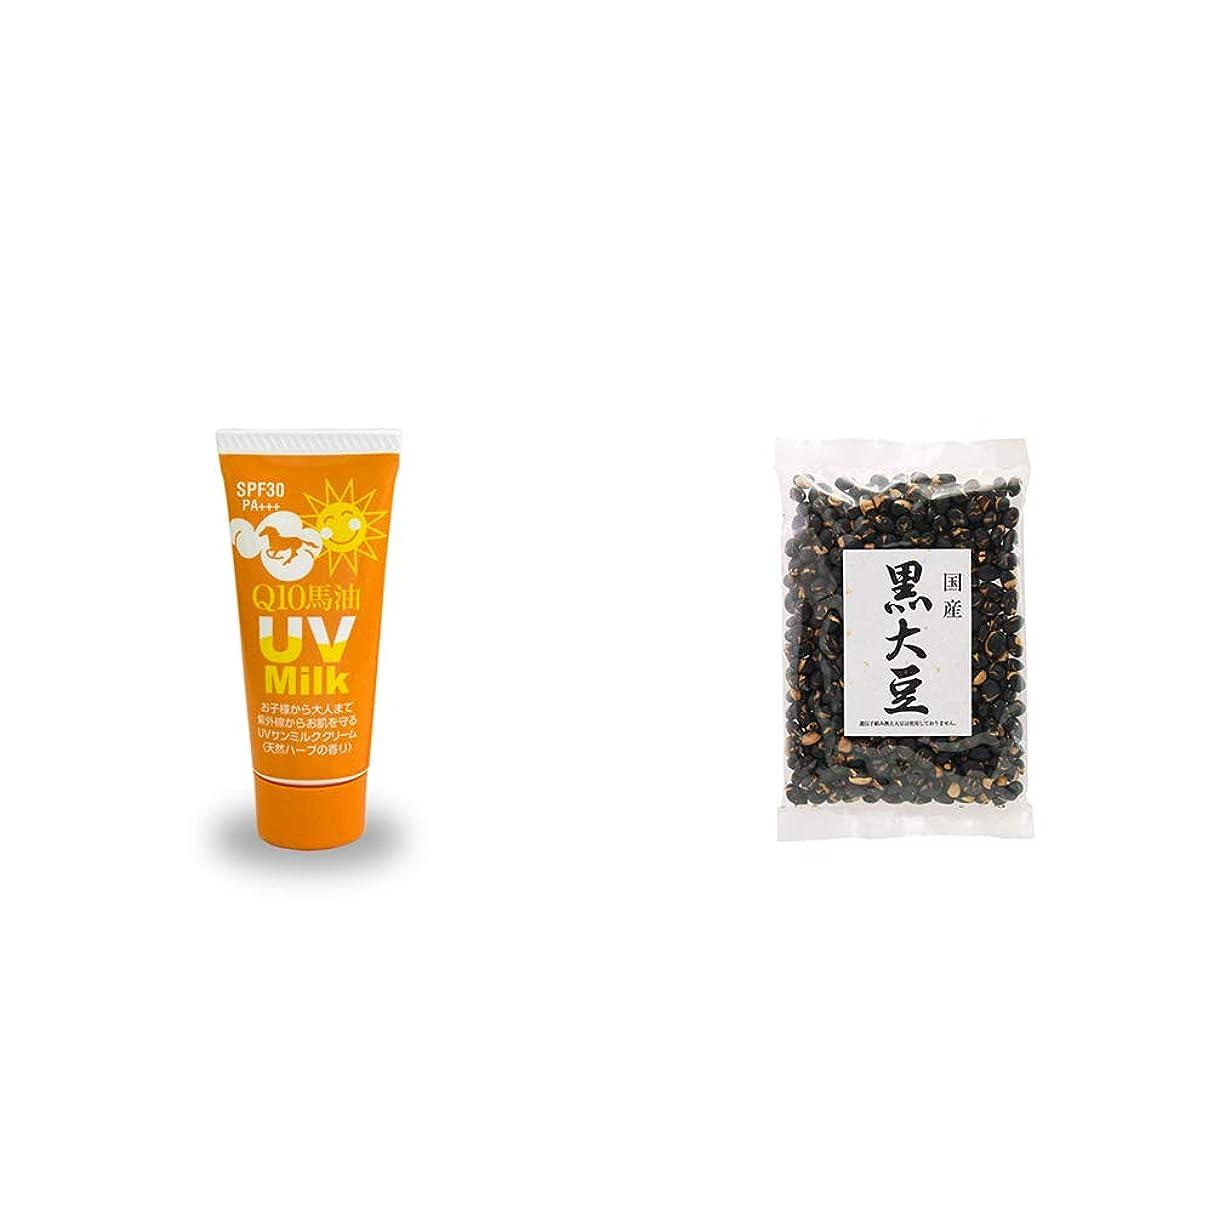 付与広範囲できる[2点セット] 炭黒泉 Q10馬油 UVサンミルク[天然ハーブ](40g)?国産 黒大豆(140g)